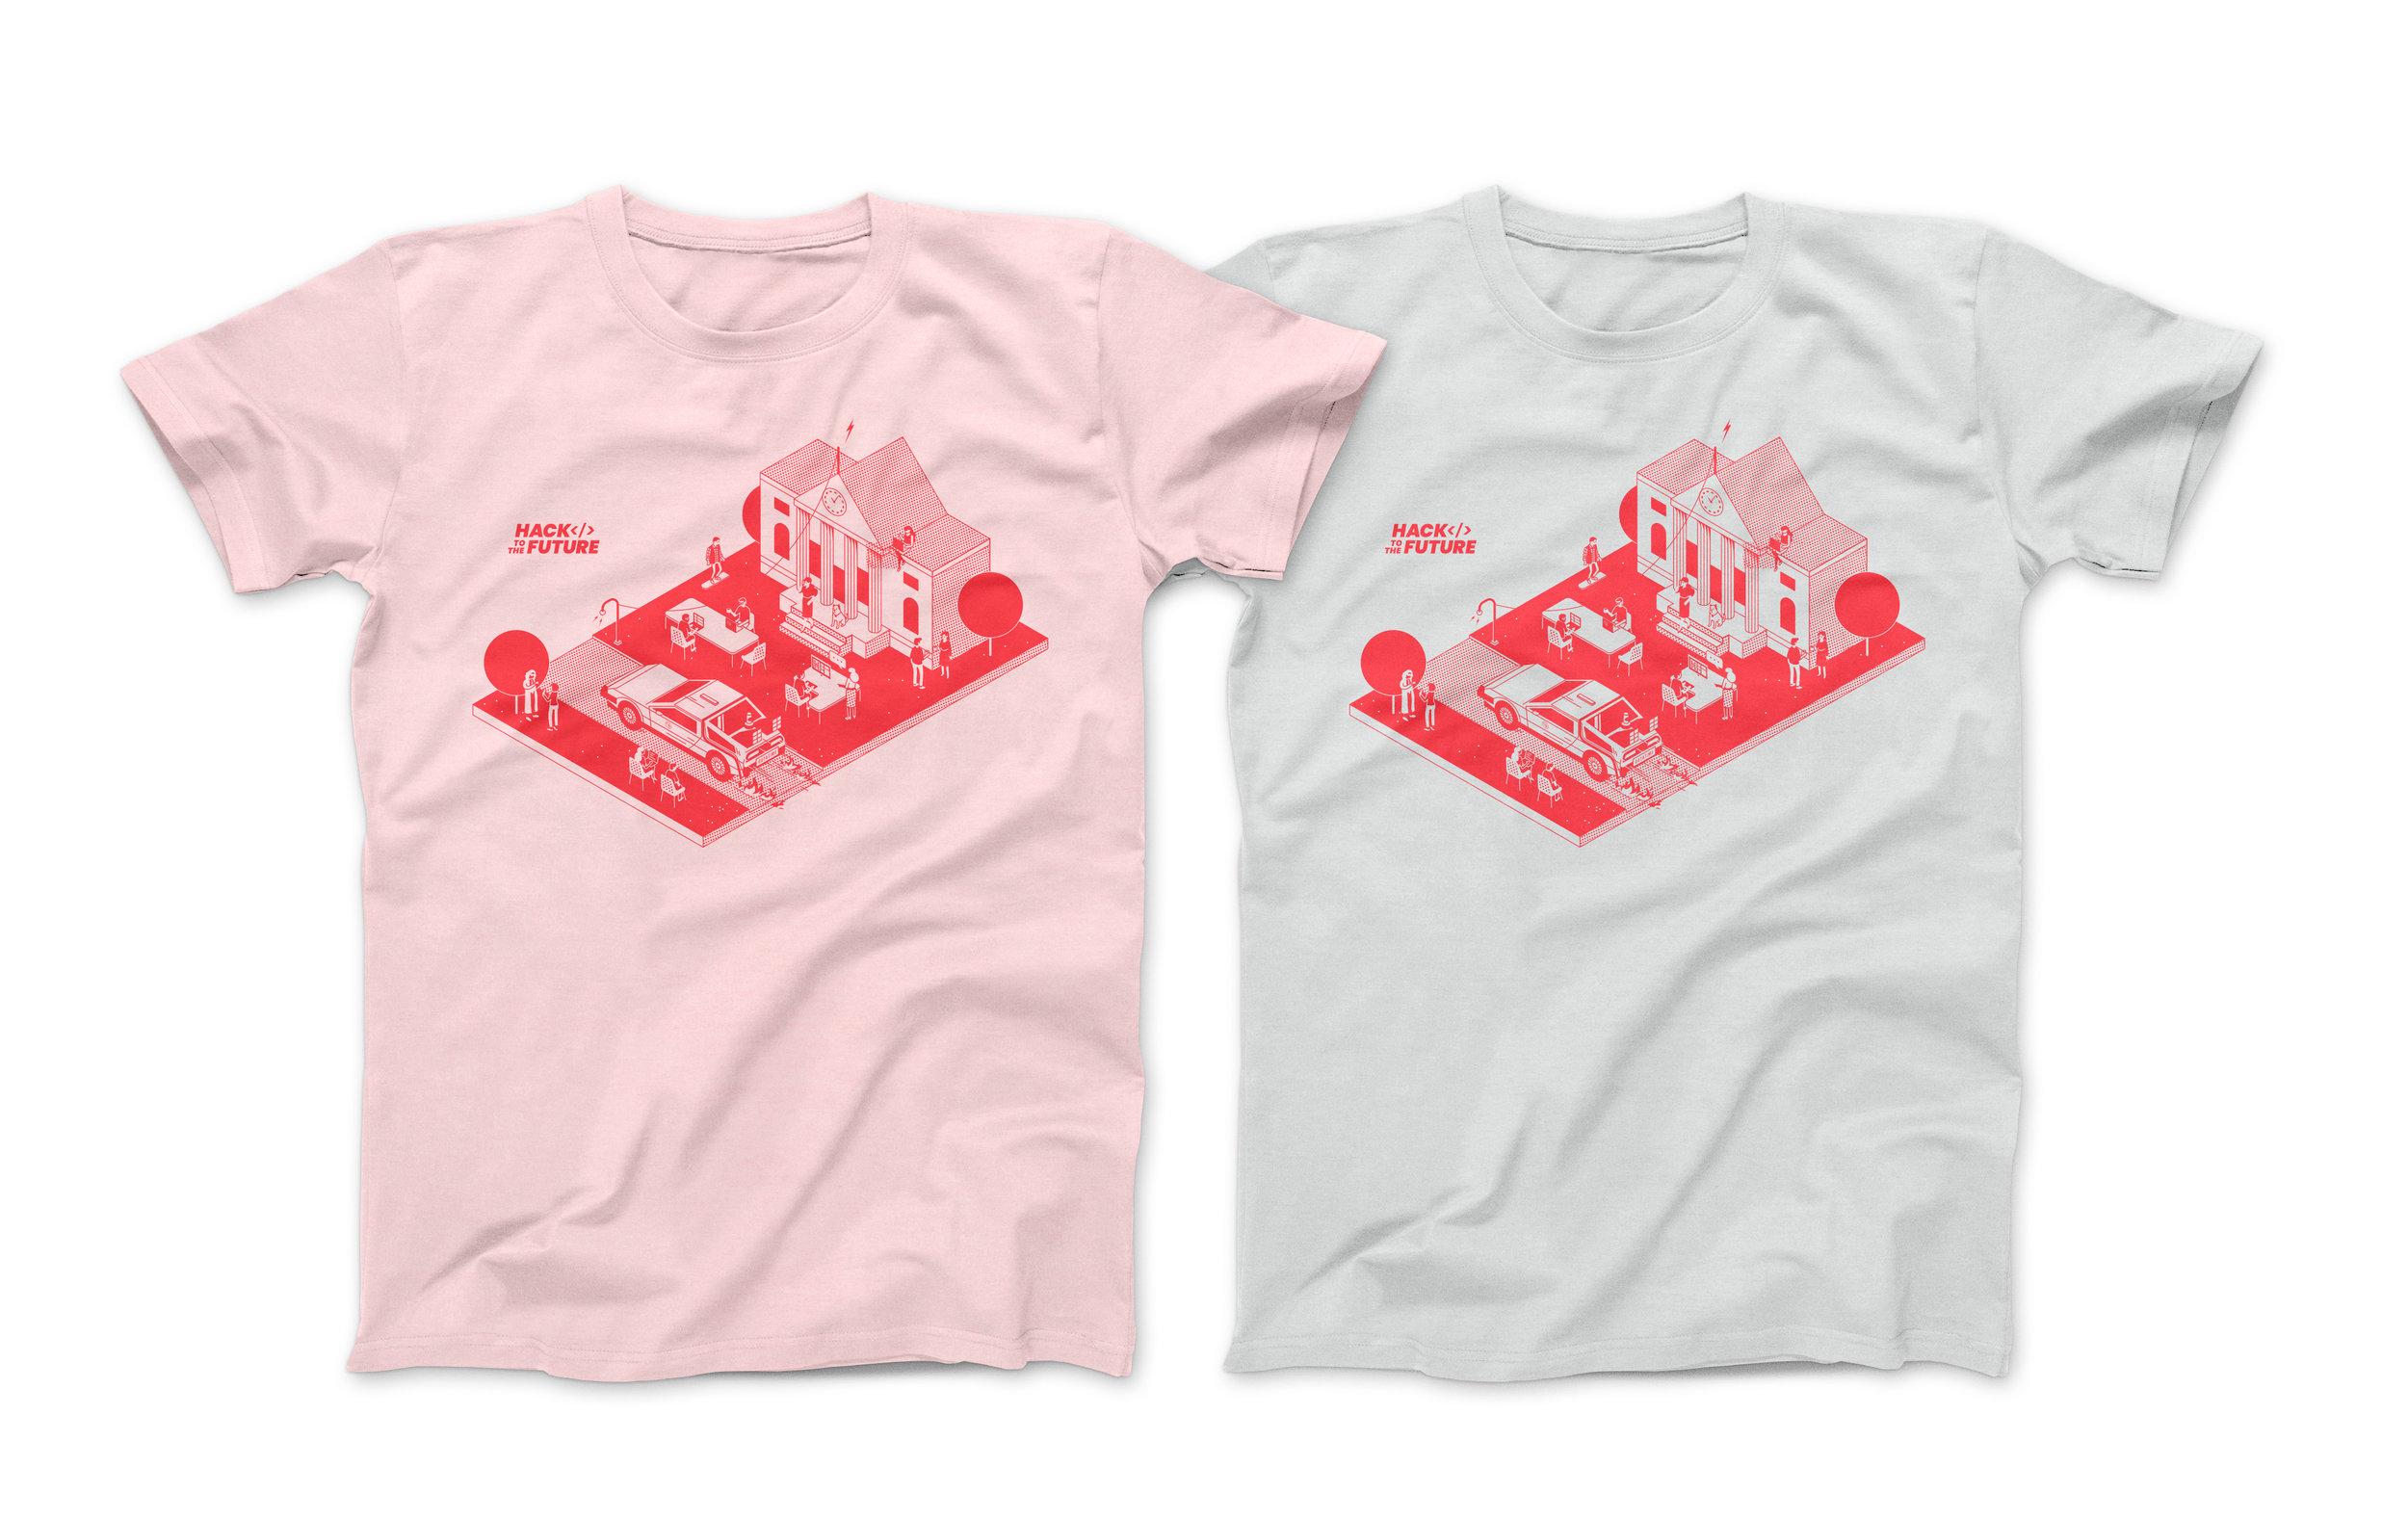 19_0213-CZI-Hack-Shirt.jpg